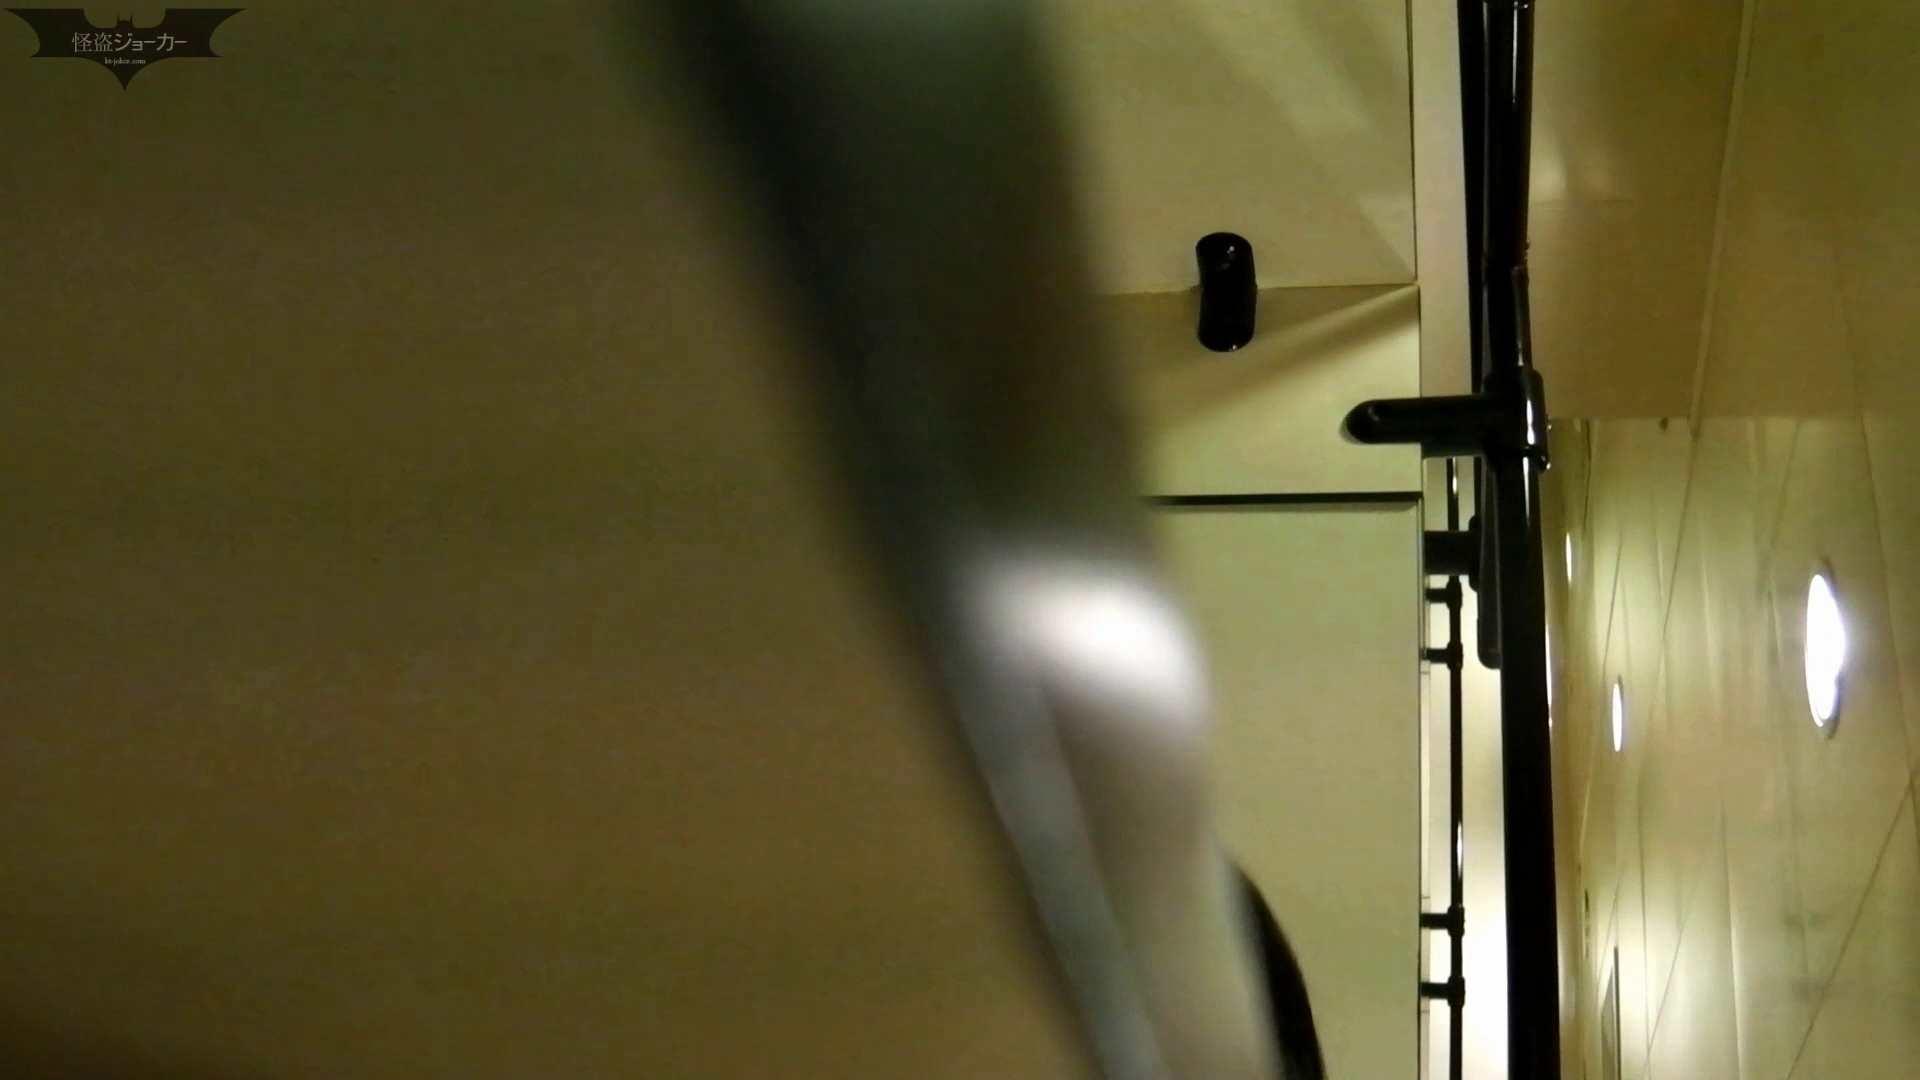 新世界の射窓 No56 ターゲットは「美女」 美女達のヌード   0  37連発 23